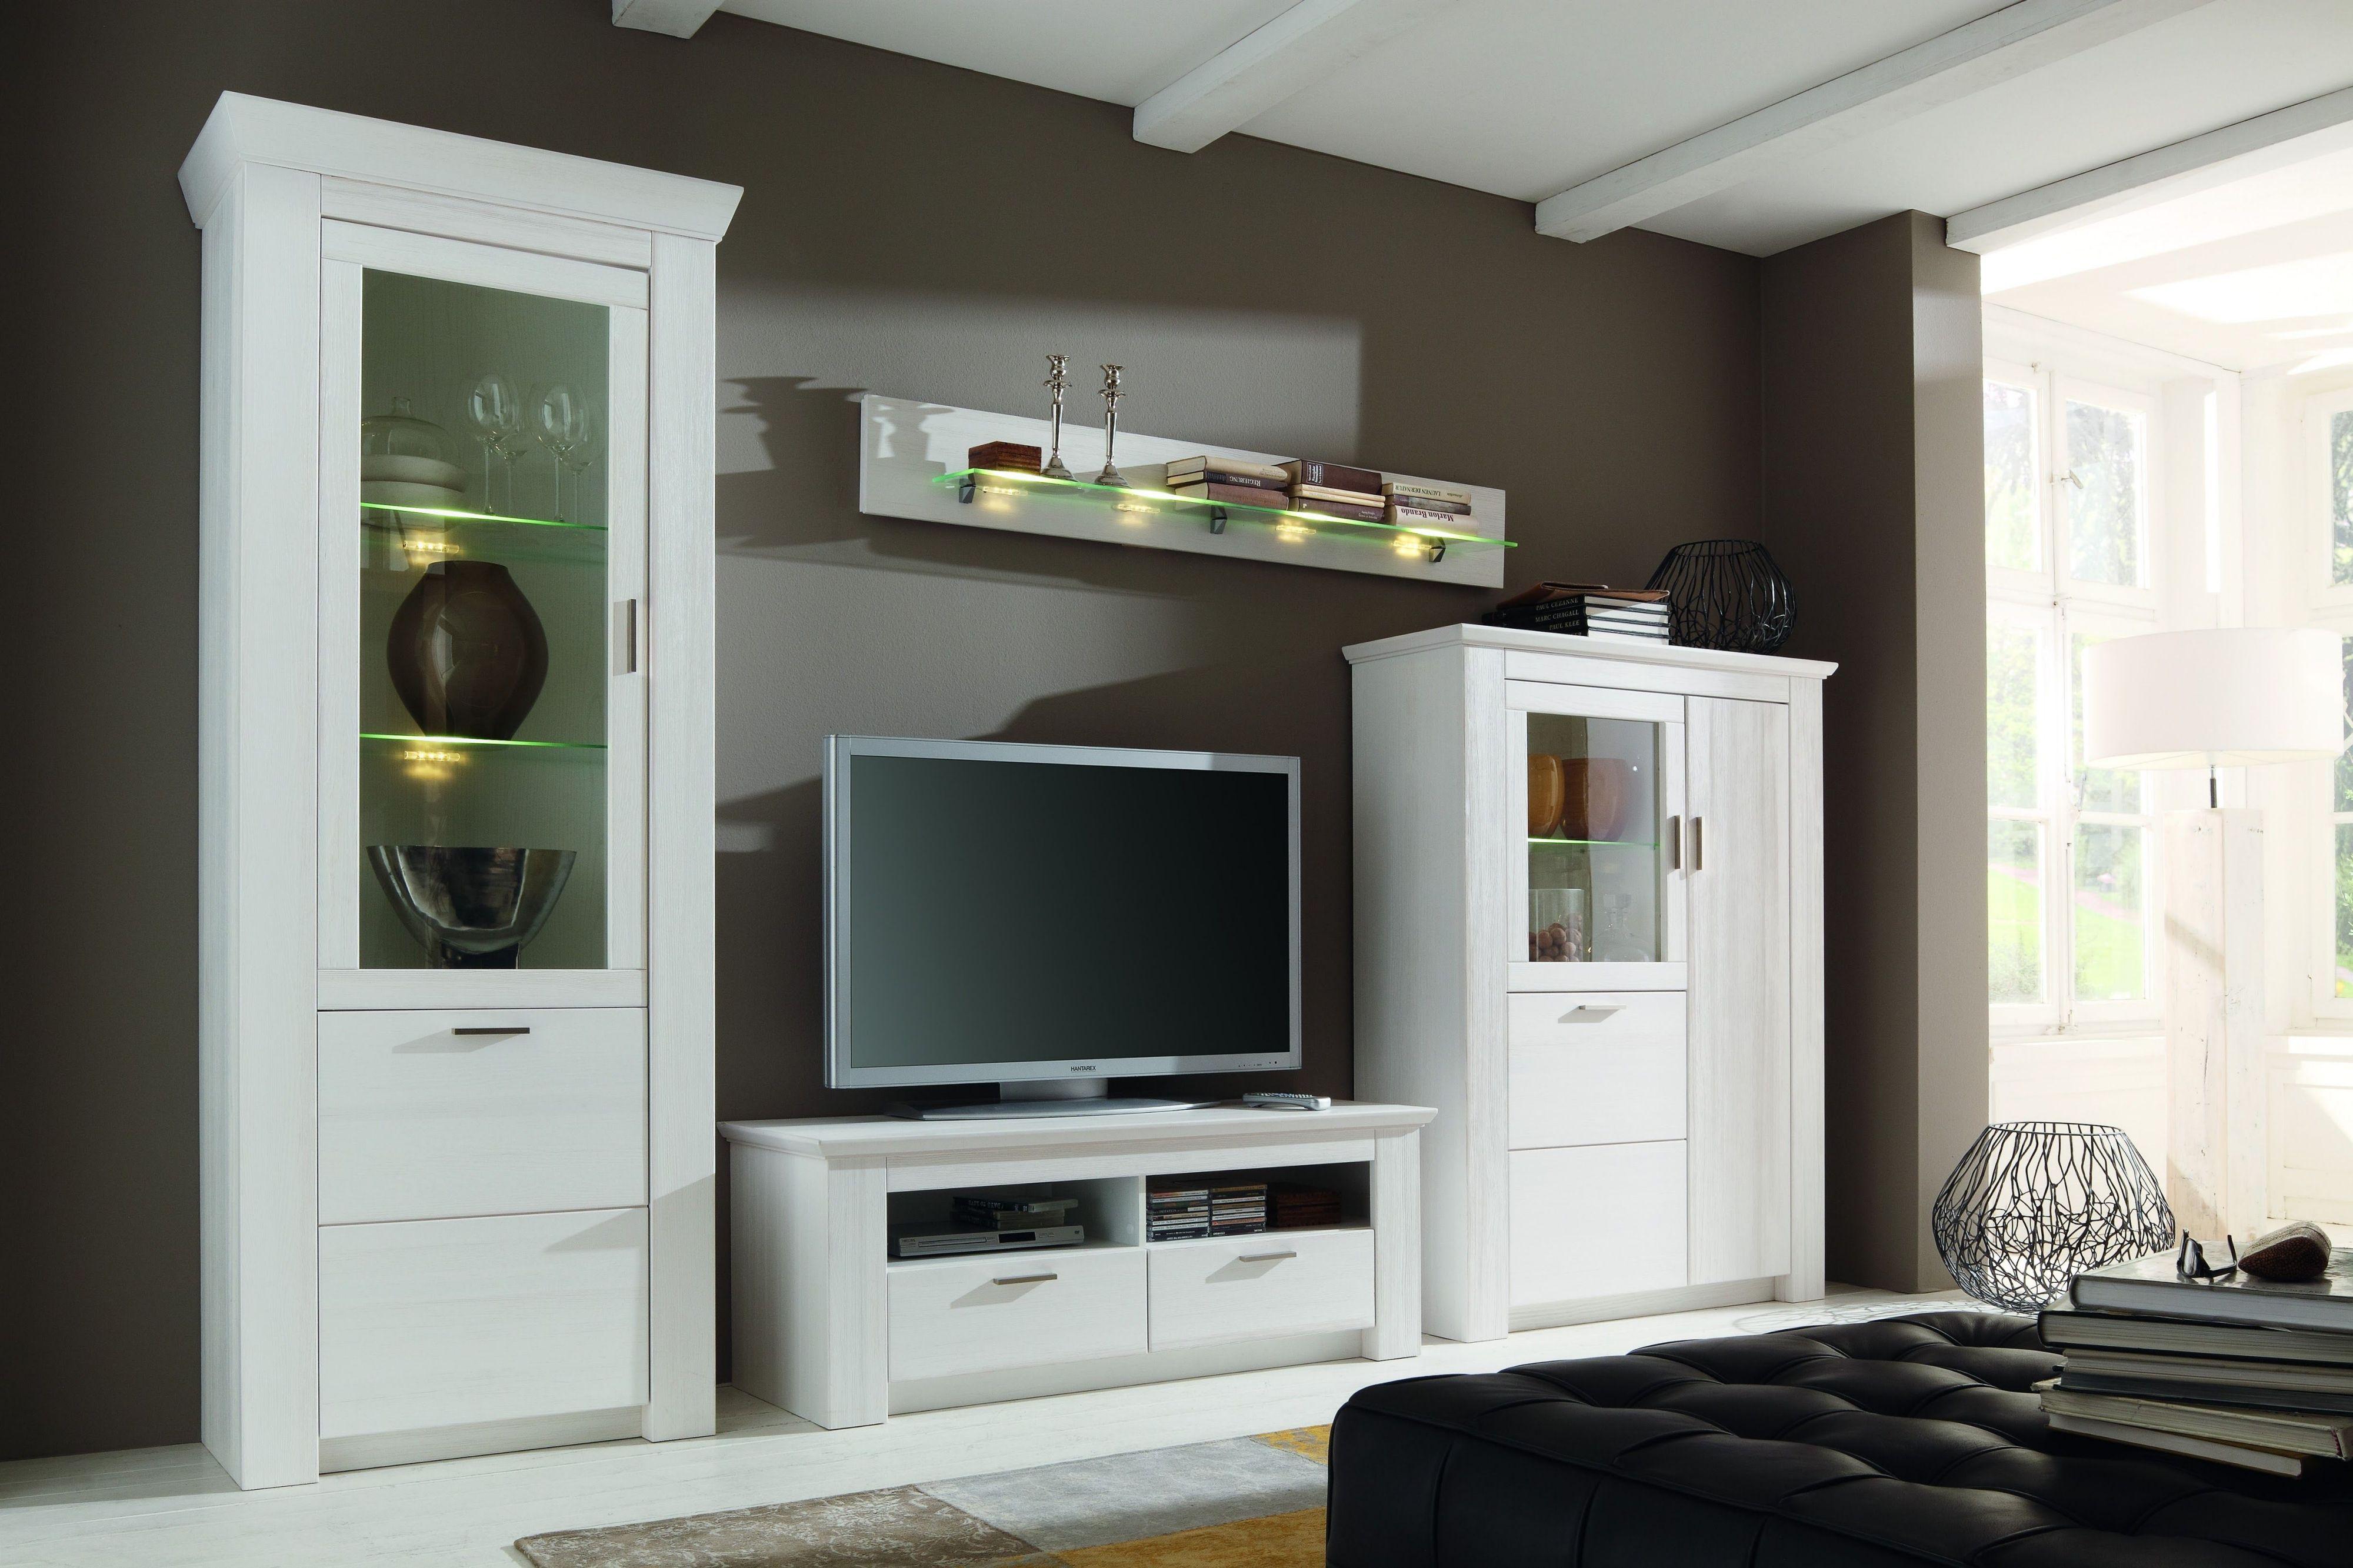 Beeindruckend Wohnwand Holz Weiß Dekoration Von Polarpinie Teilmassiv Weiss Woody 35-00146 Jetzt Bestellen